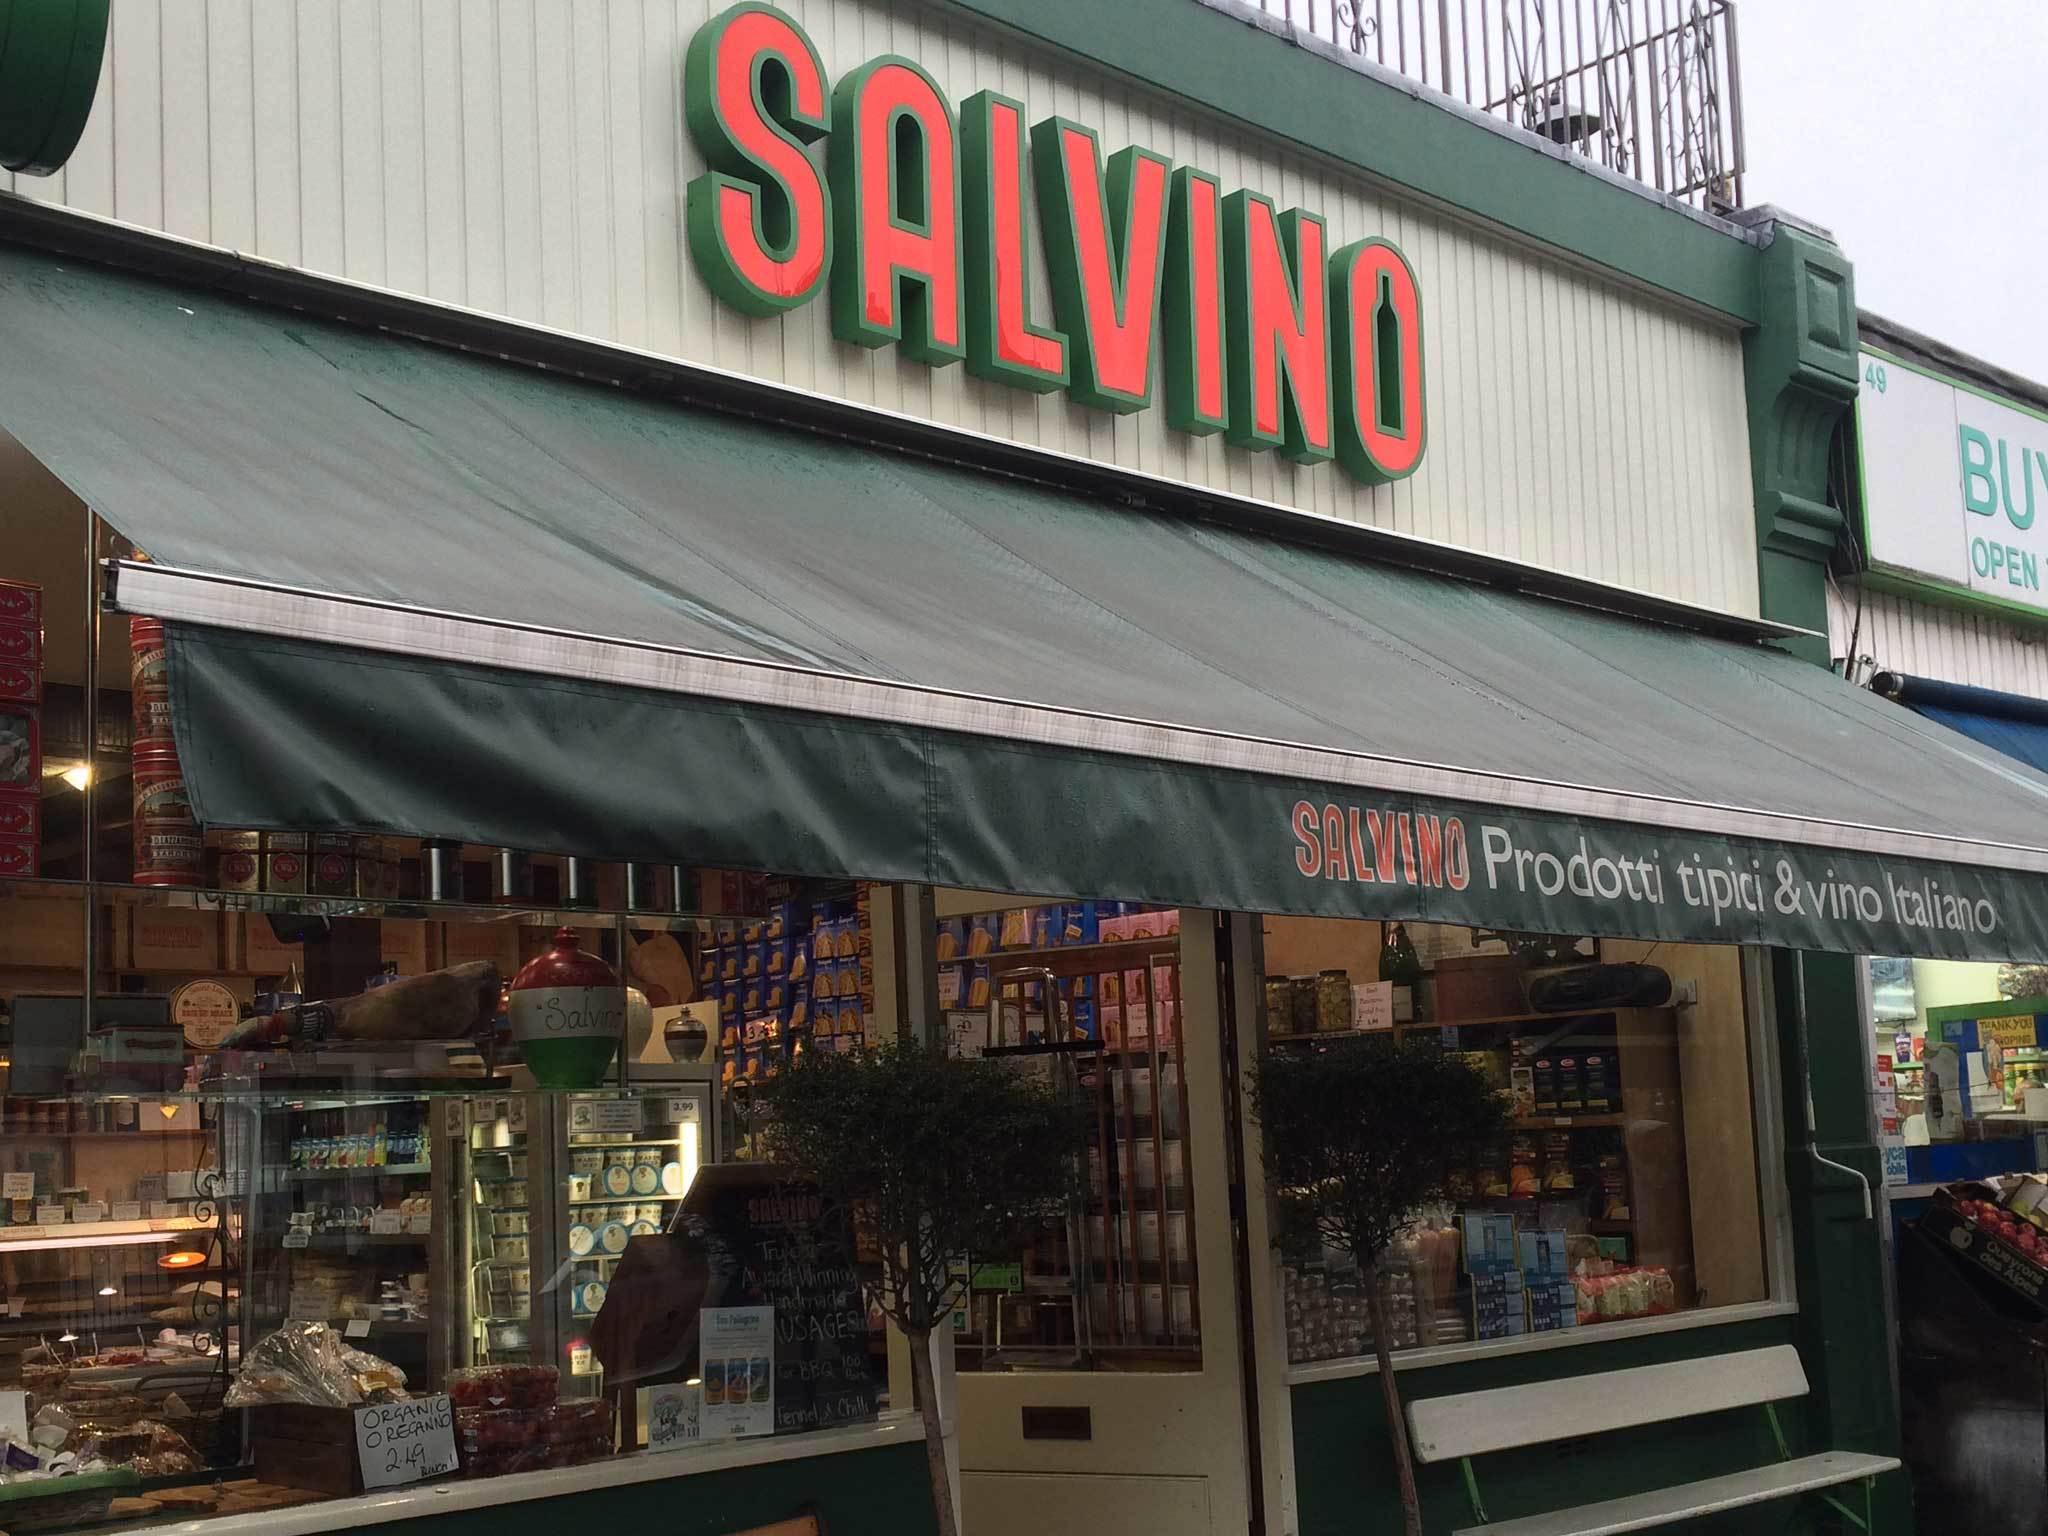 Salvino